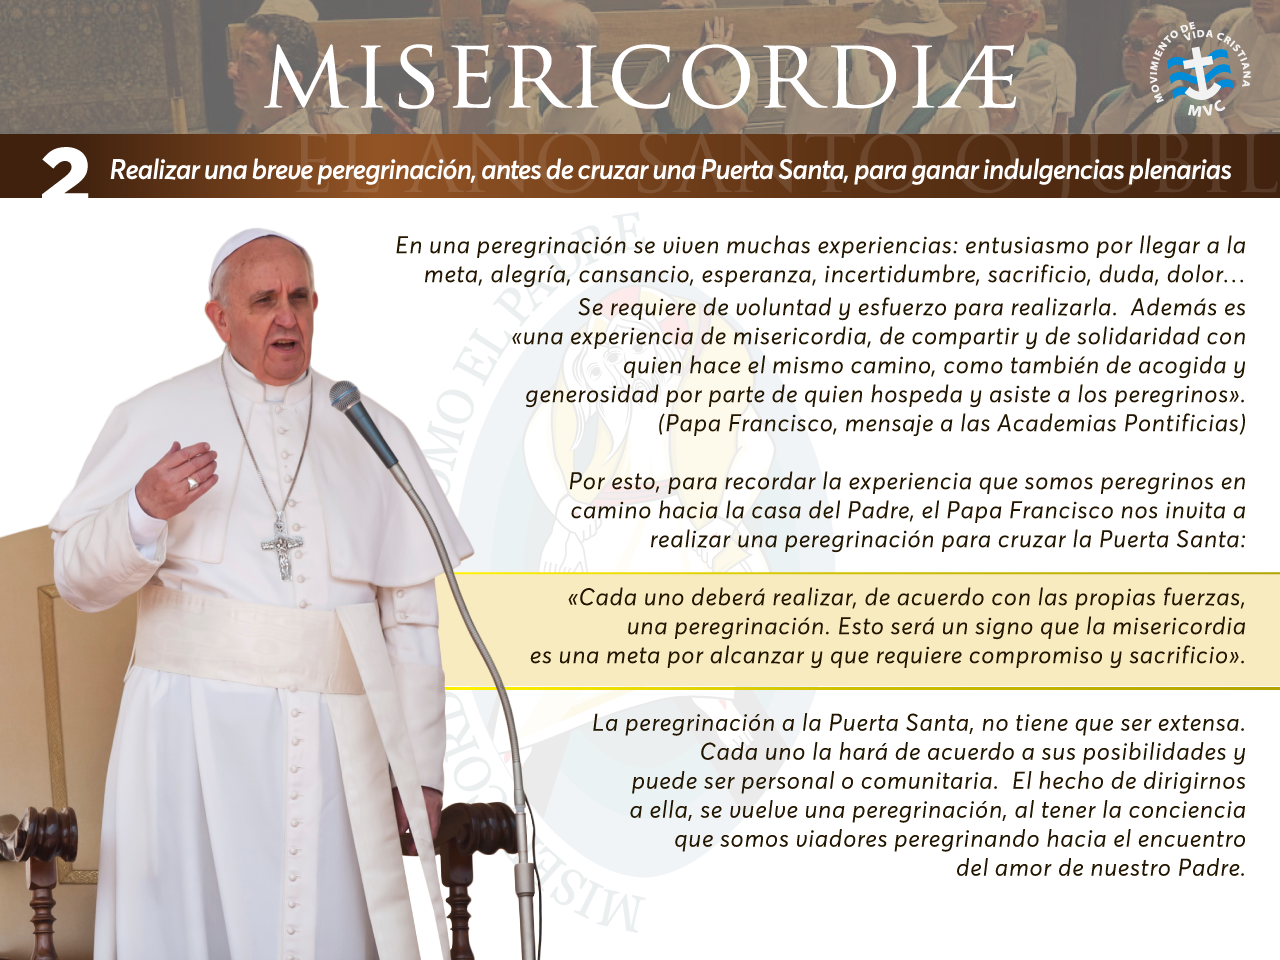 Misericordiae-4-editable-4